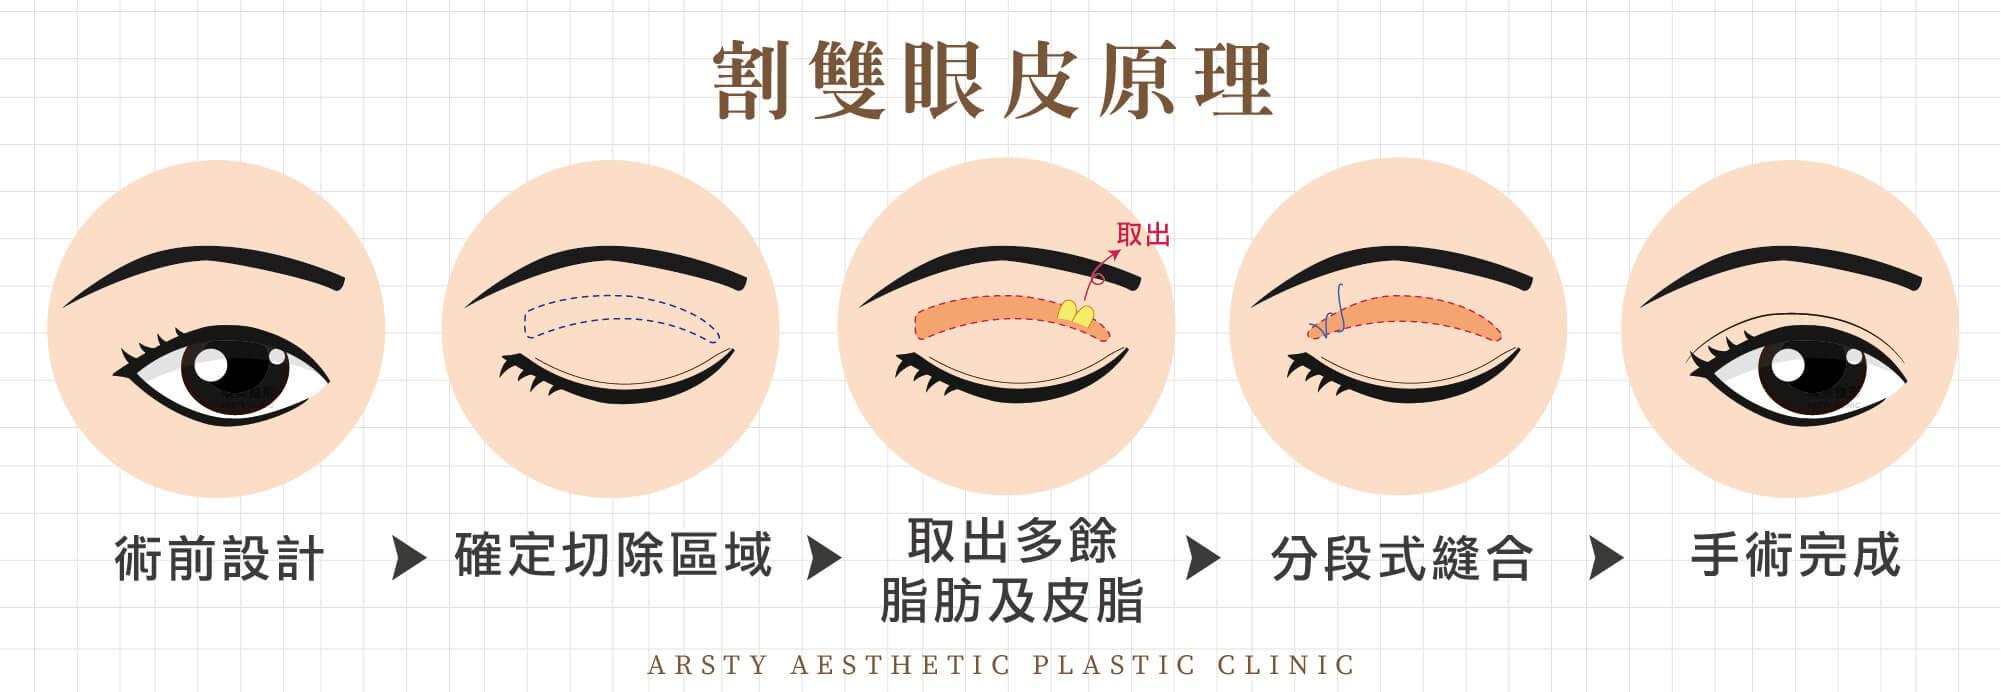 割雙眼皮手術原理